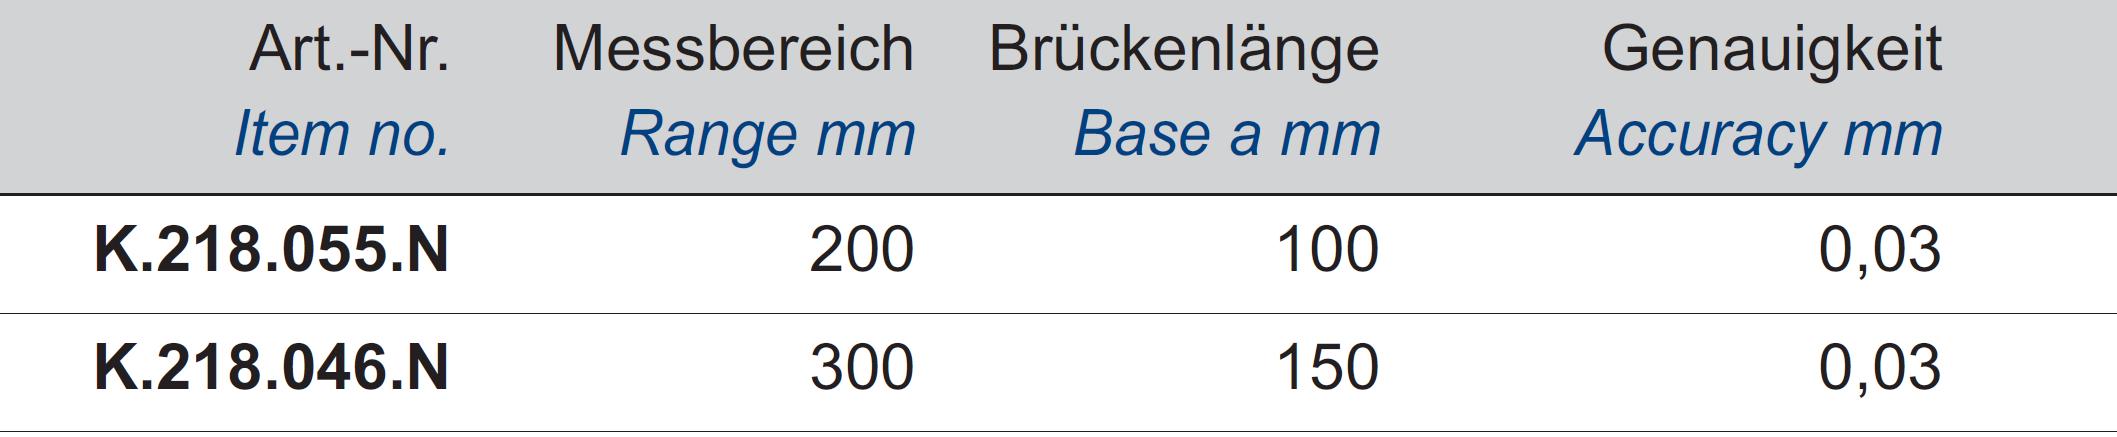 Digital-Tiefen-Messschieber DIN 862 - Mit Kalibrierzertifikat